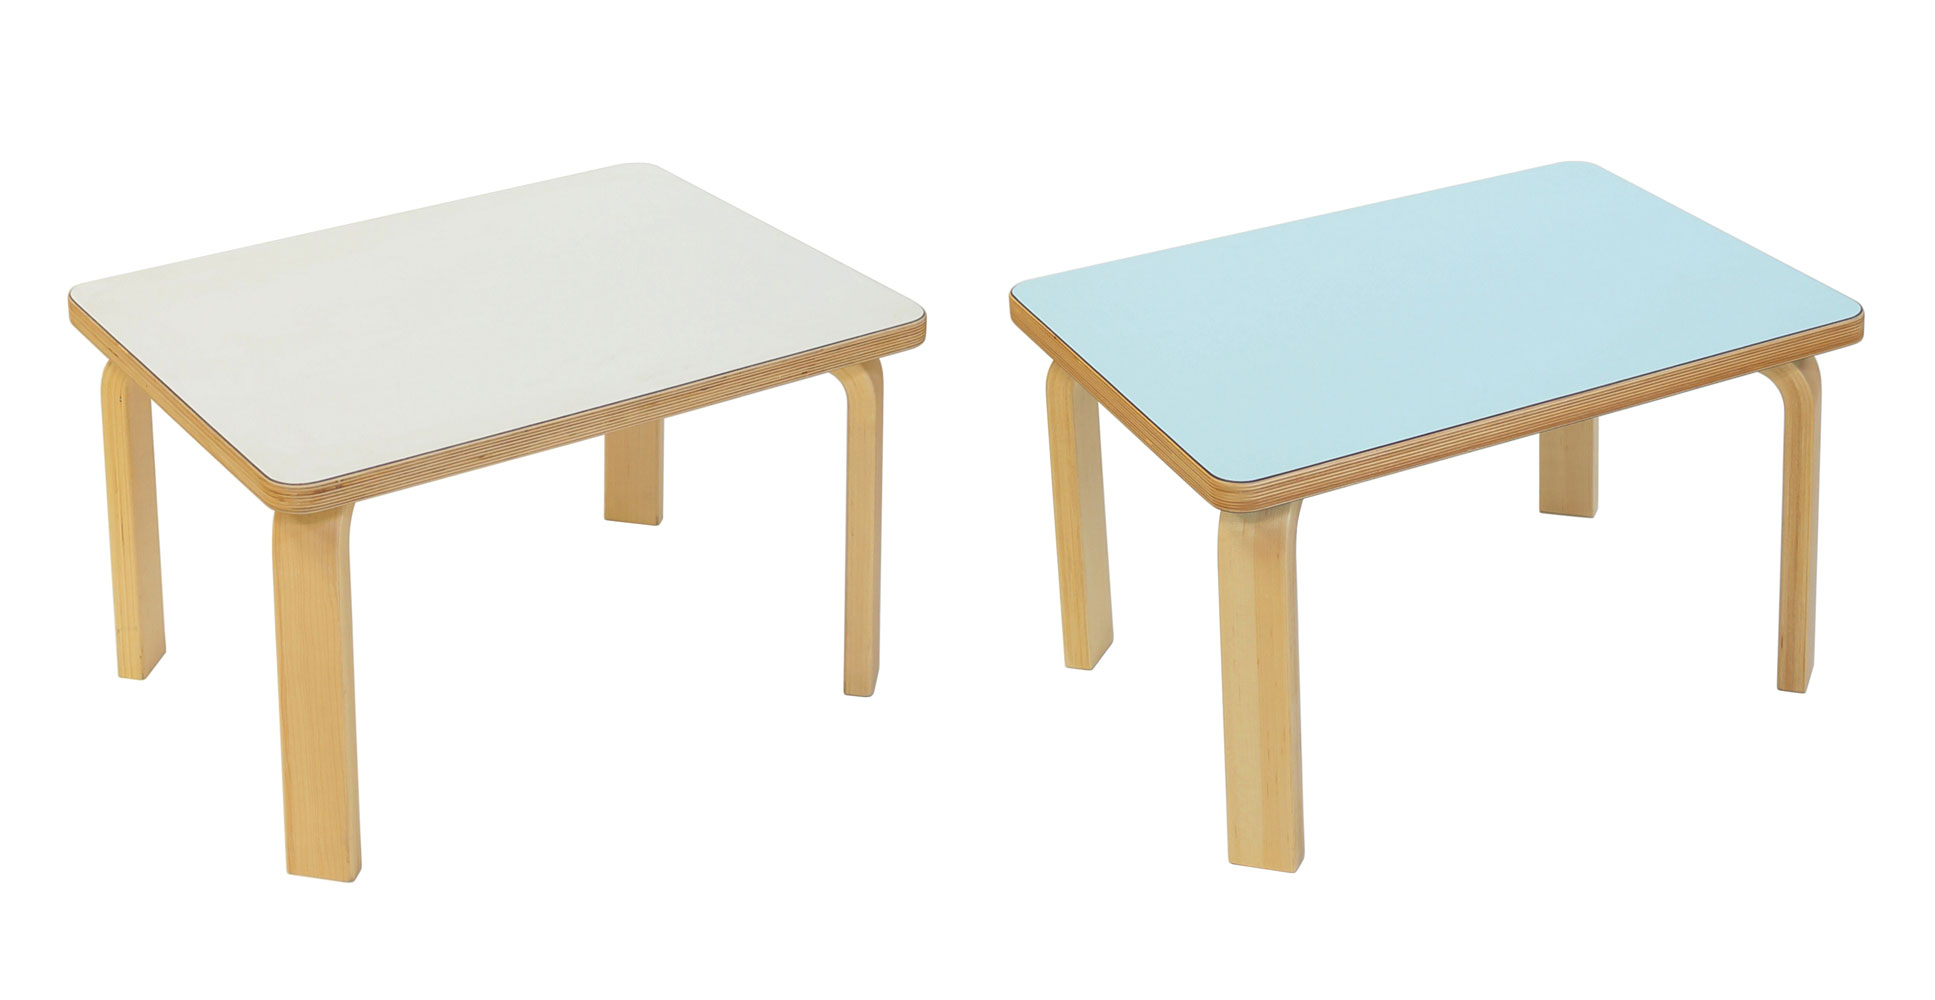 このシーンで使われているアイテム画像(CAROTA-table)